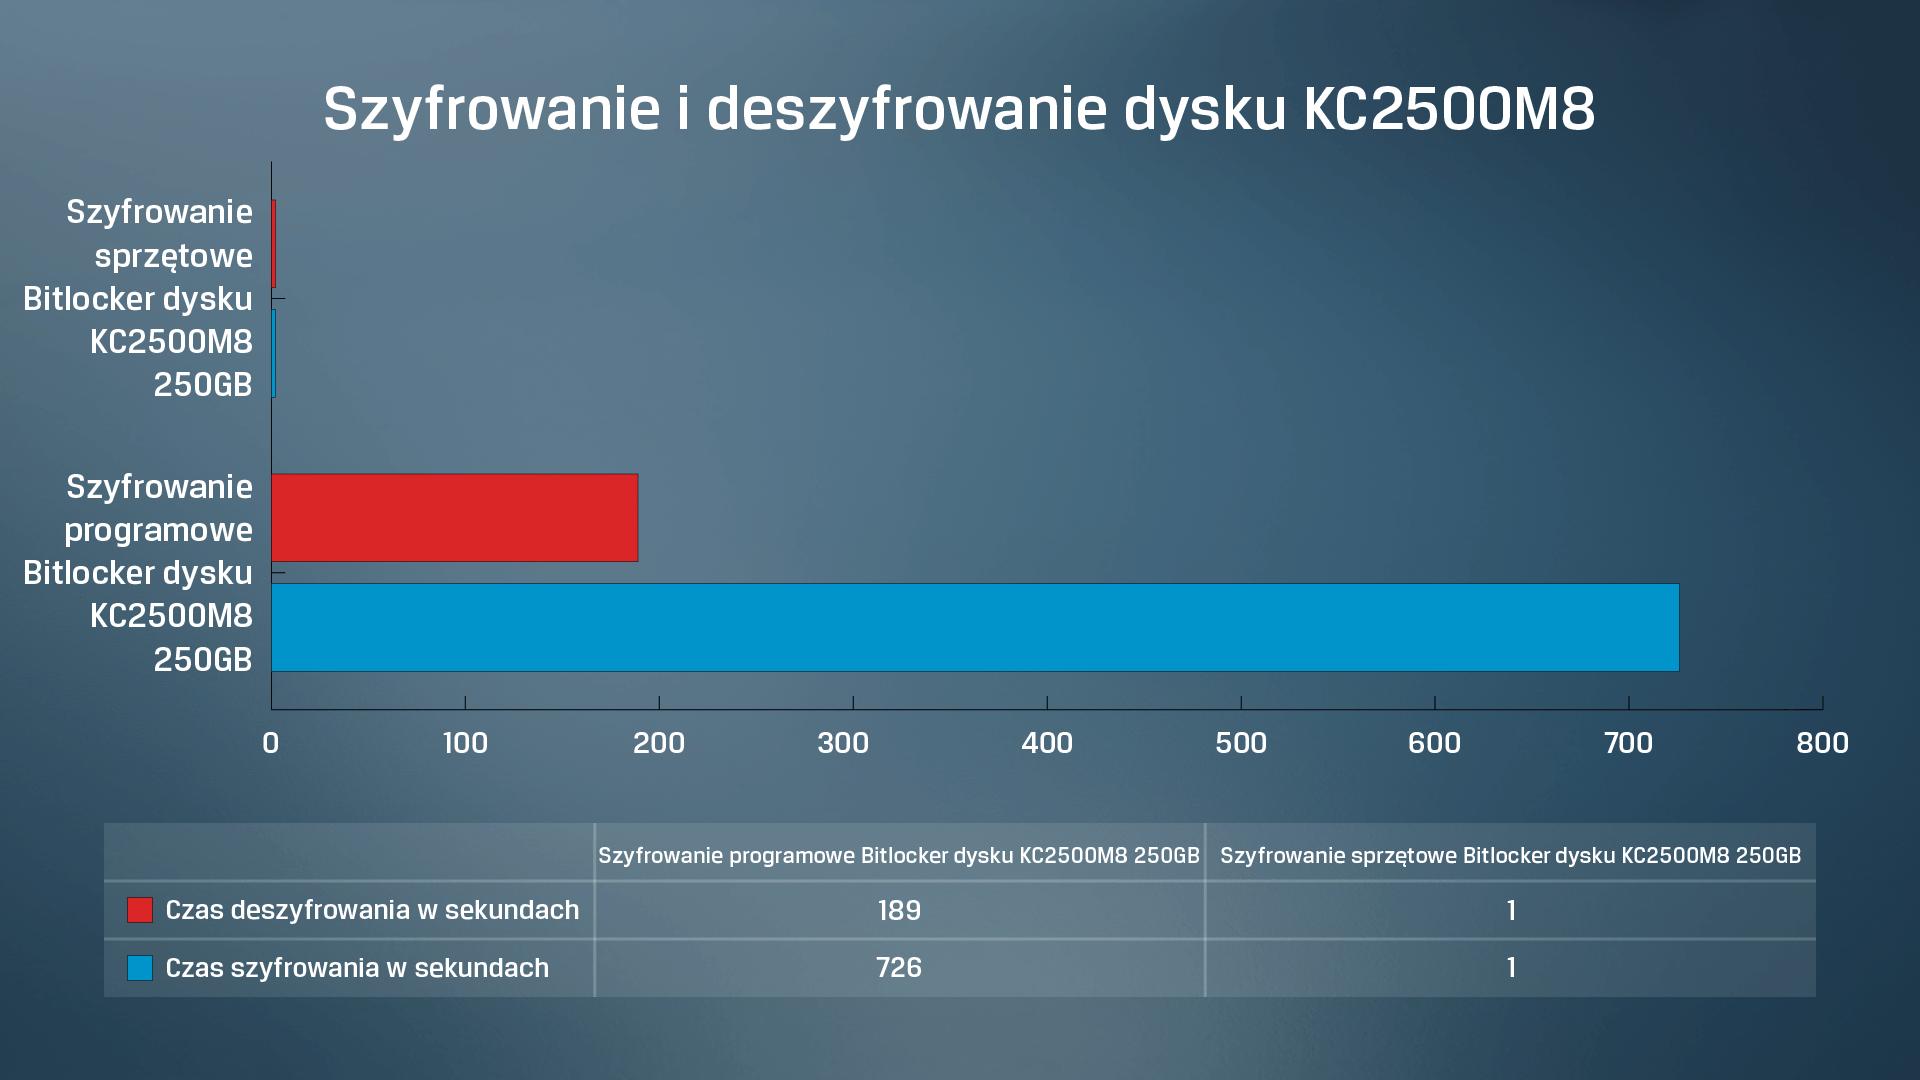 Wyniki testów programowego i sprzętowego szyfrowania i deszyfrowania dysku SSD Kingston KC2500